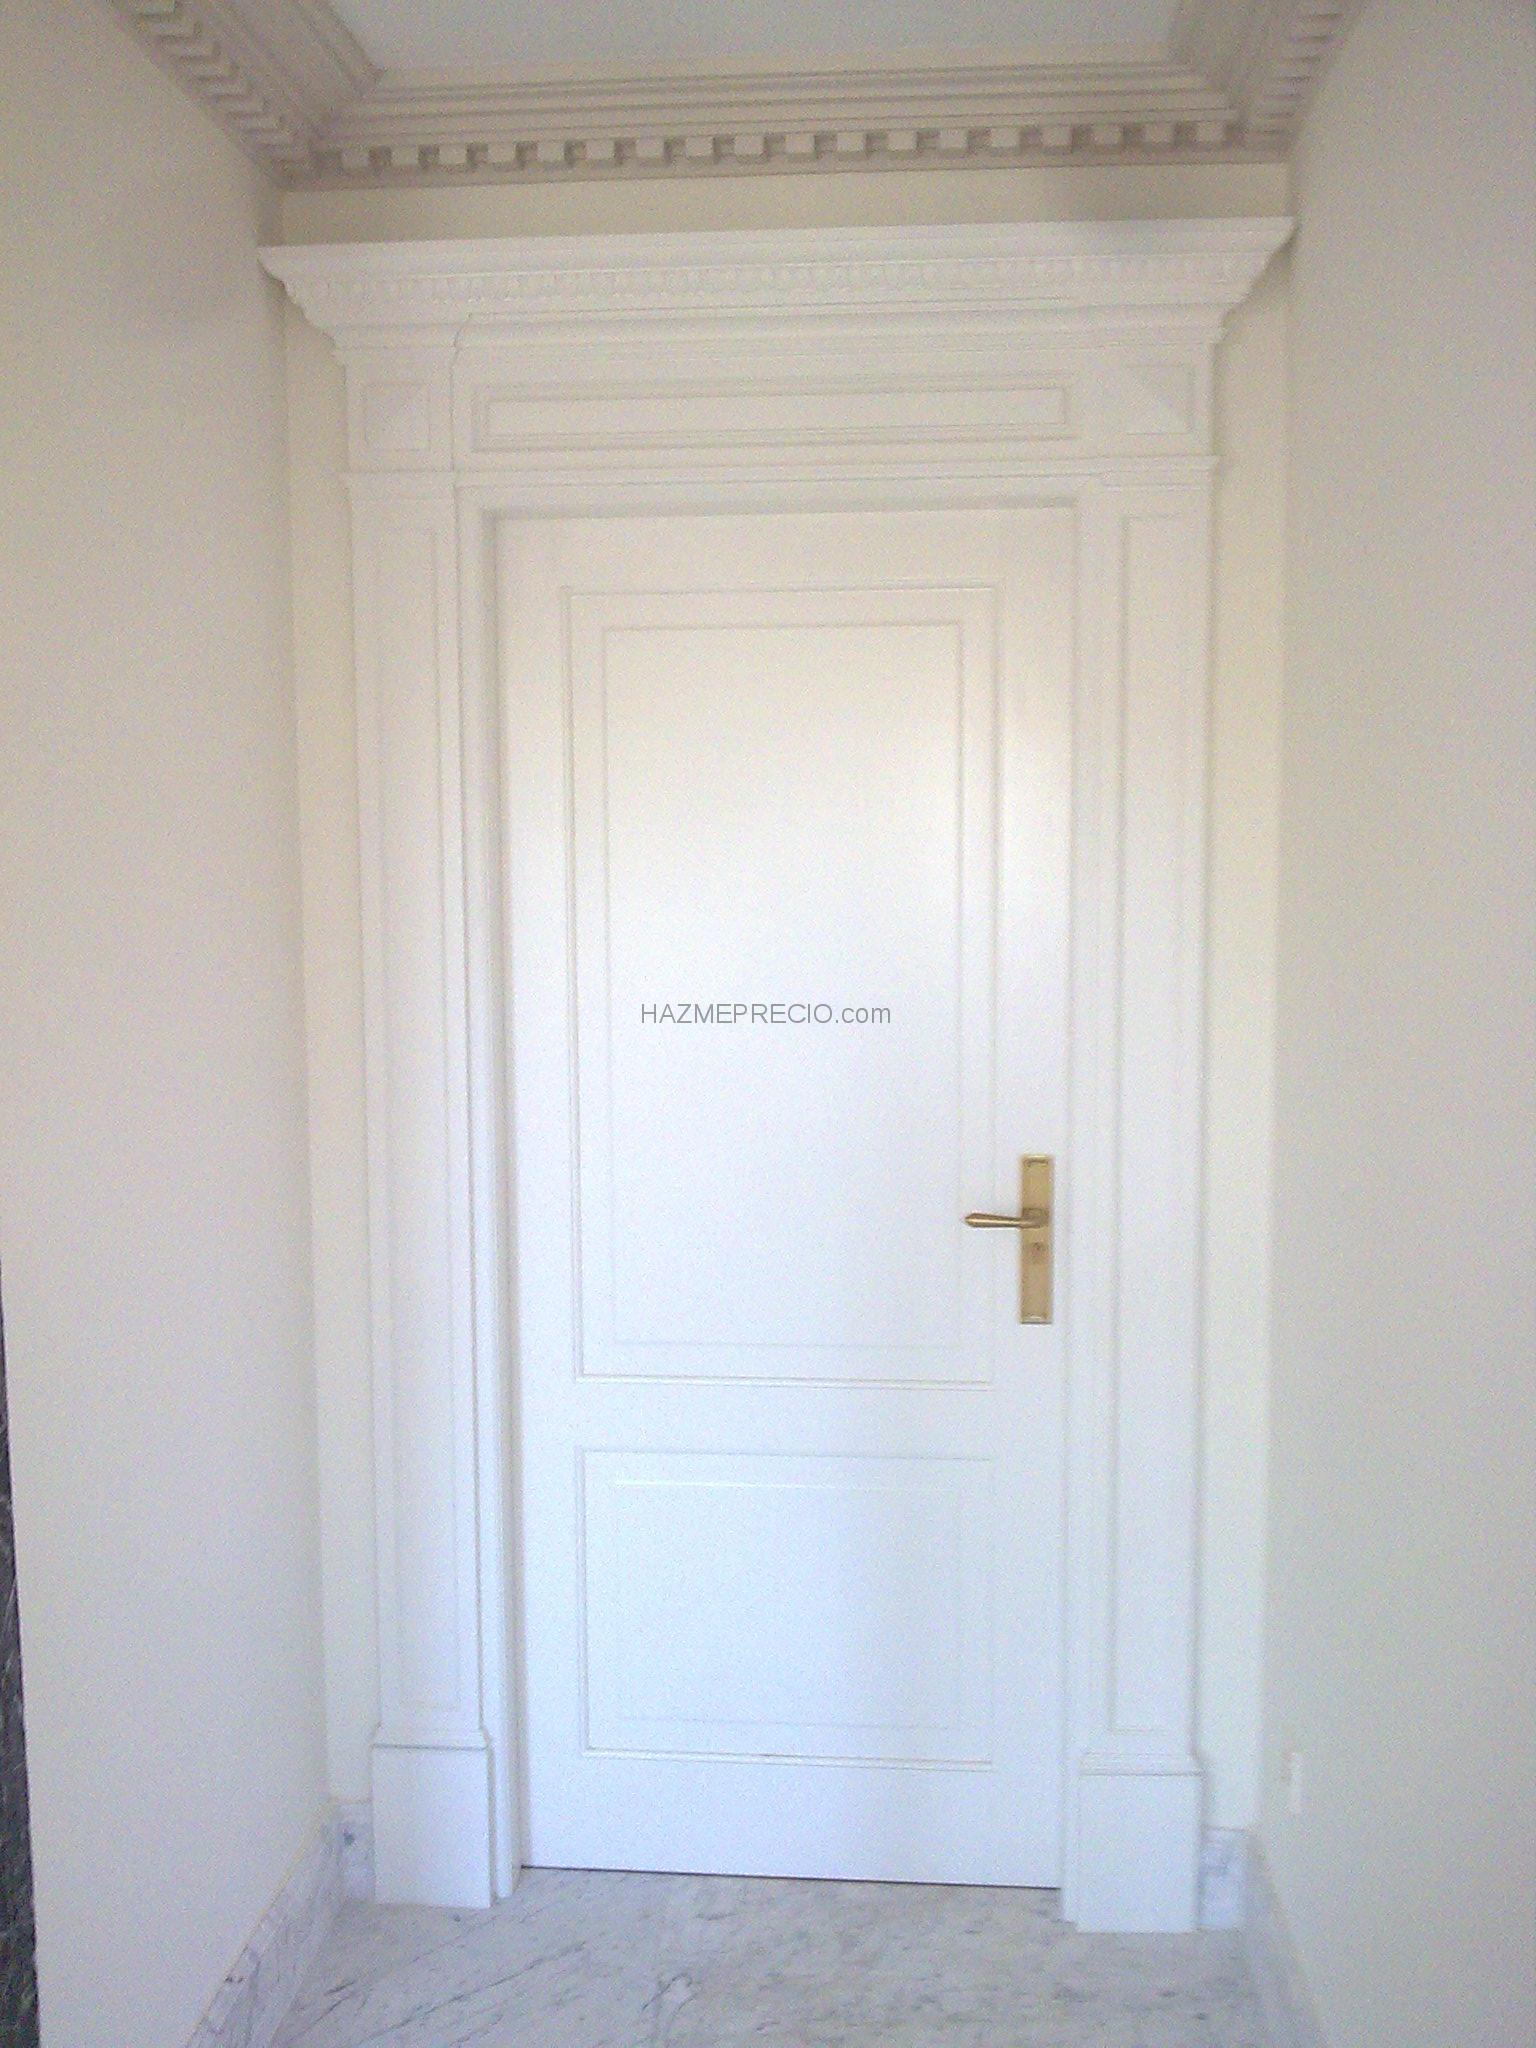 Presupuesto para armario empotrado en alcorc n madrid - Montaje armario empotrado ...